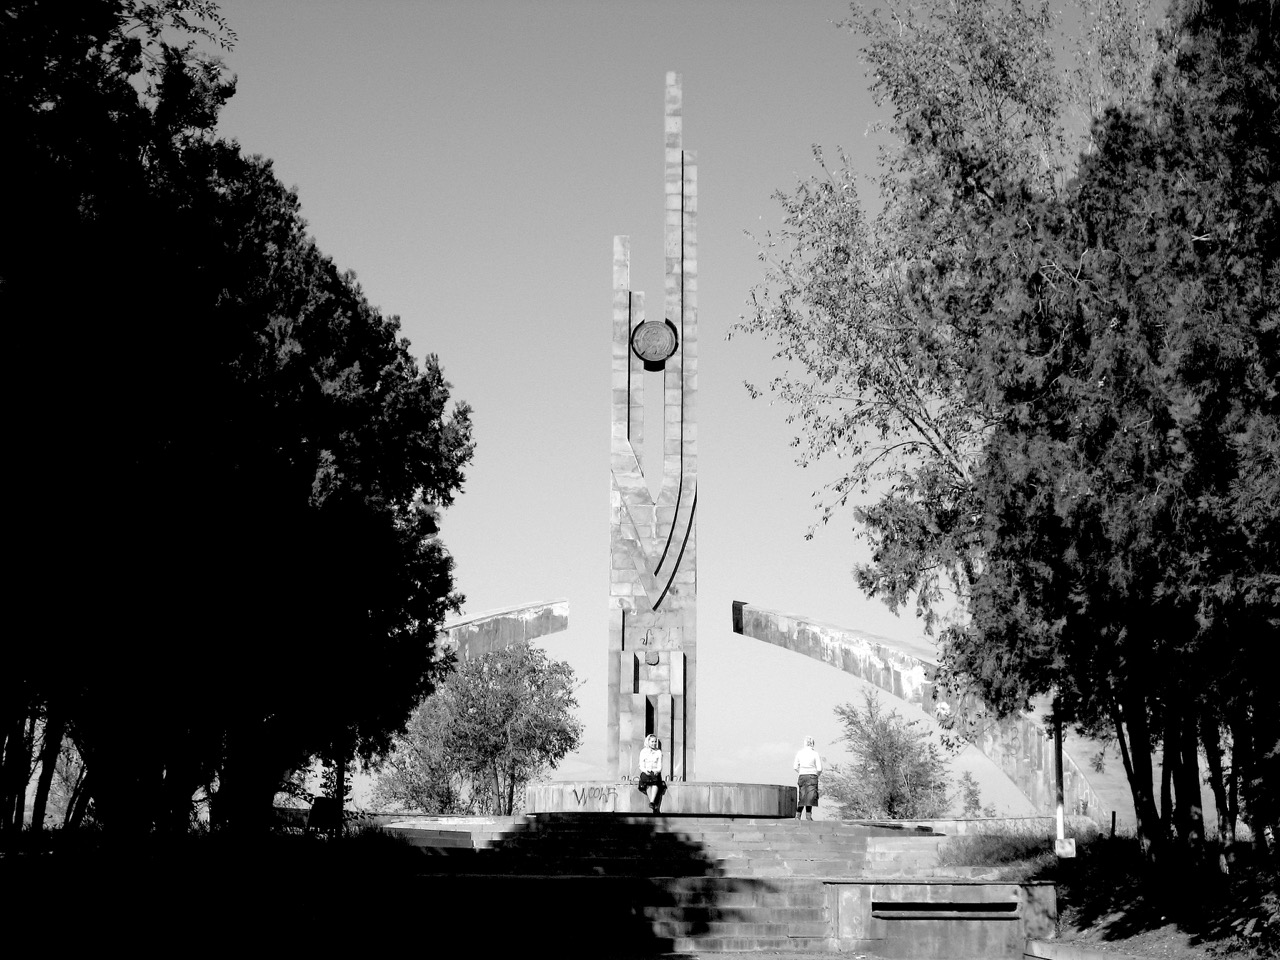 Foto: Eriwaner Denkmal. Aus: Eriwan. Kapitel 3. Aufzeichnungen aus Armenien von Marc Degens.